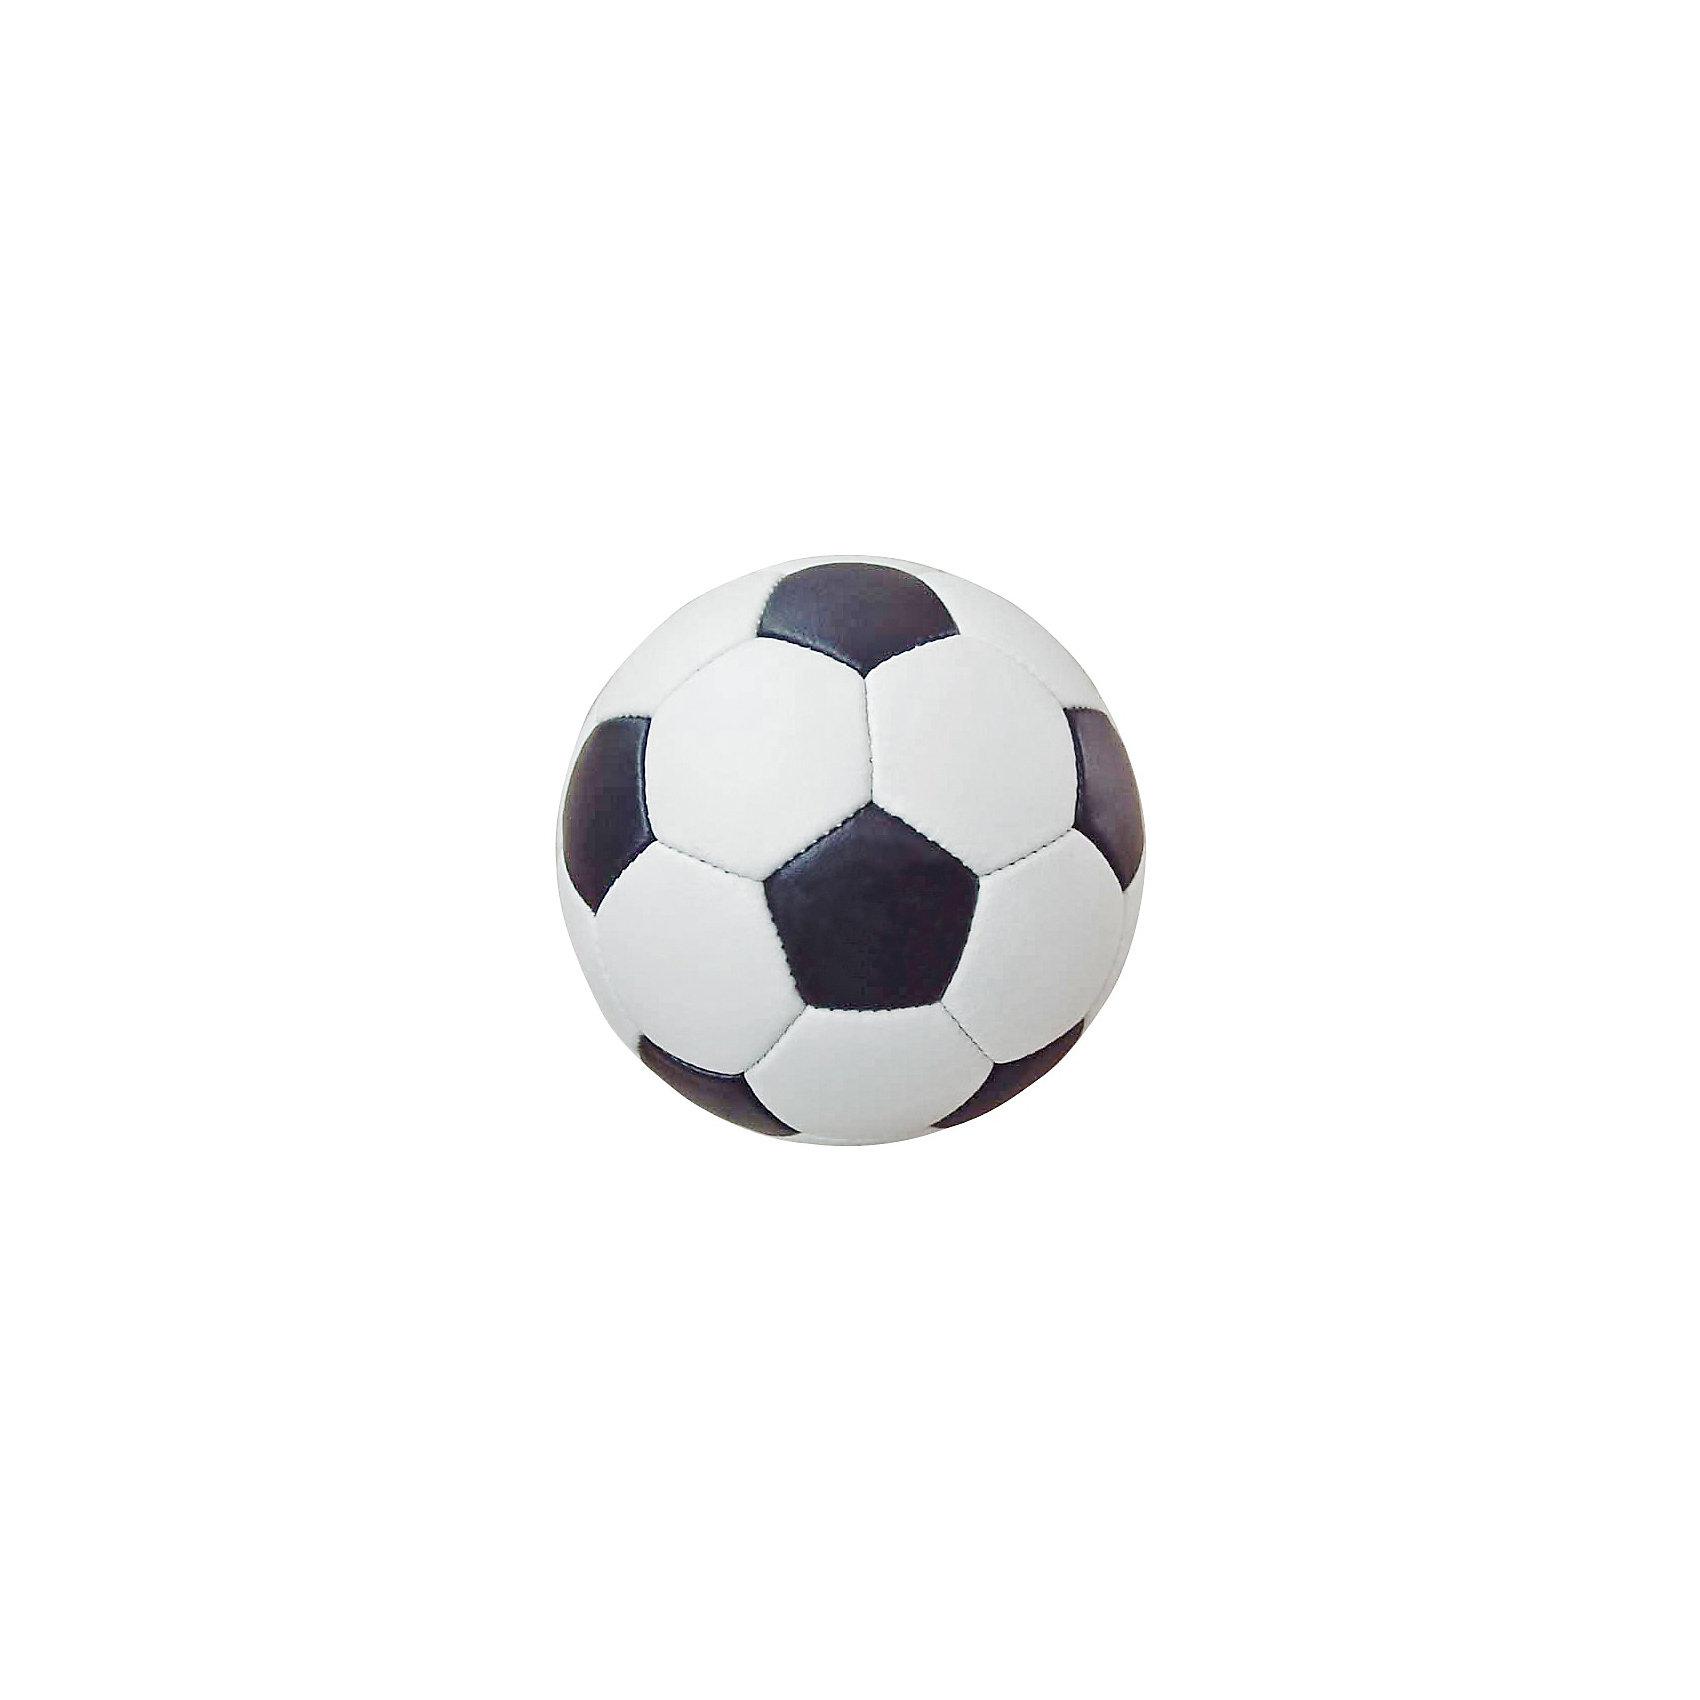 Ecos Мяч футбольный,  Ecos в каком магазине в бибирево можно купить дшево косметику dbib